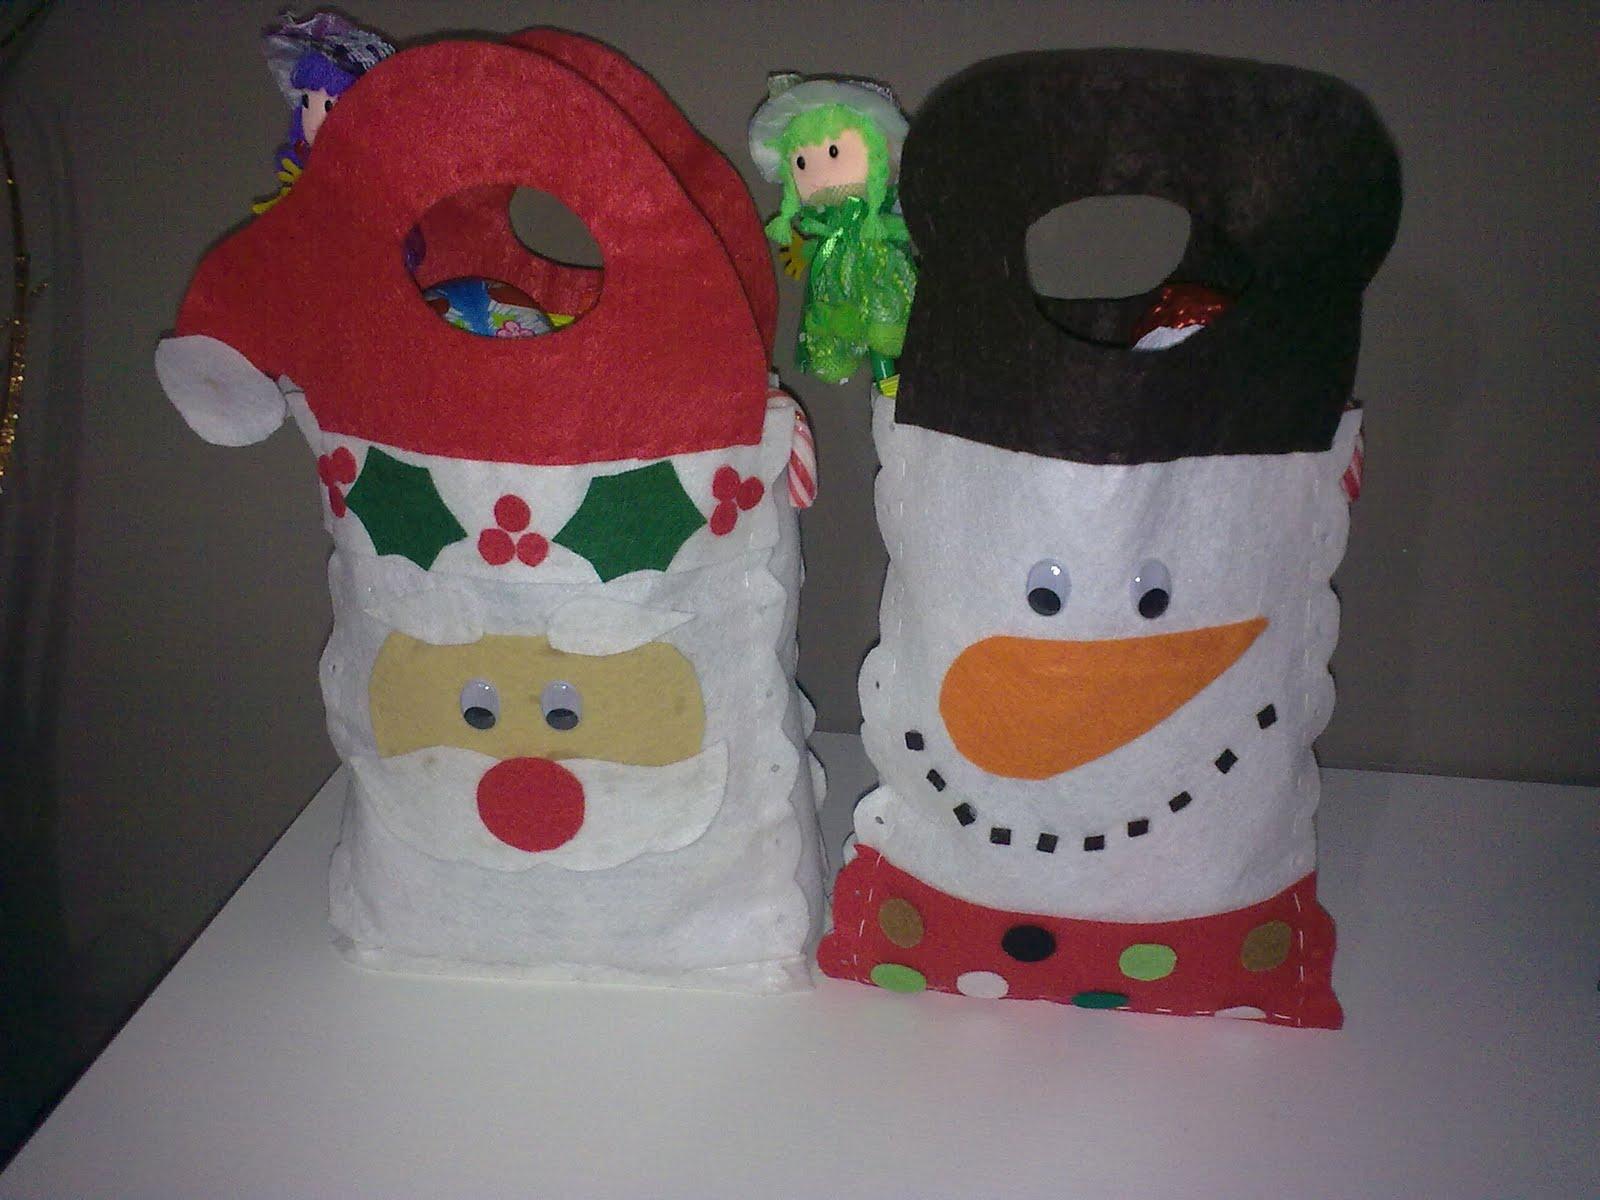 Manualidades bolsas para navidad - Videos de manualidades para navidad ...